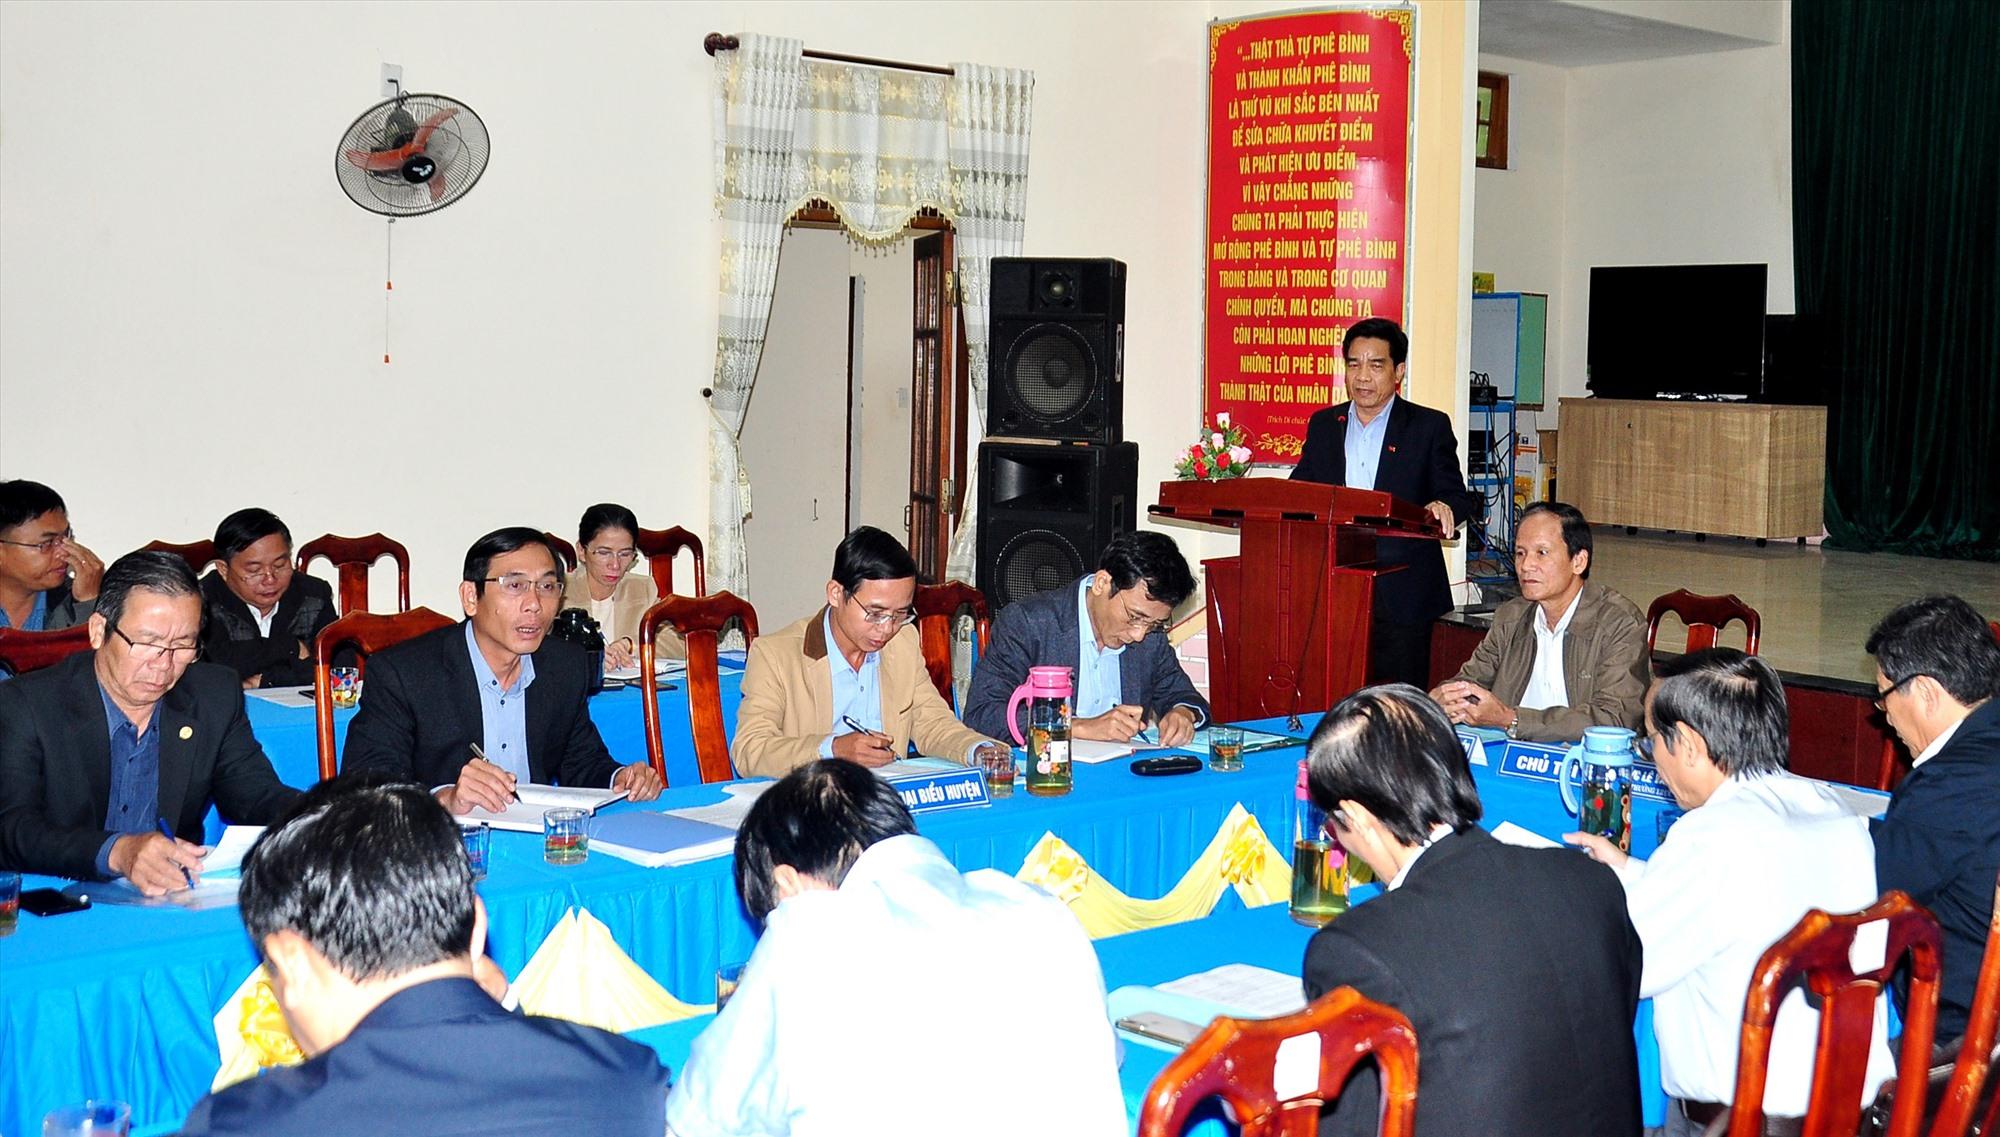 Đoàn công tác của Tỉnh ủy làm việc với Đảng ủy xã Tam Thái - đơn vị được Ban Thường vụ Huyện ủy Phú Ninh chọn tổ chức điểm Đại hội Đảng bộ cấp xã nhiệm kỳ 2020 - 2025. Ảnh: V.ANH